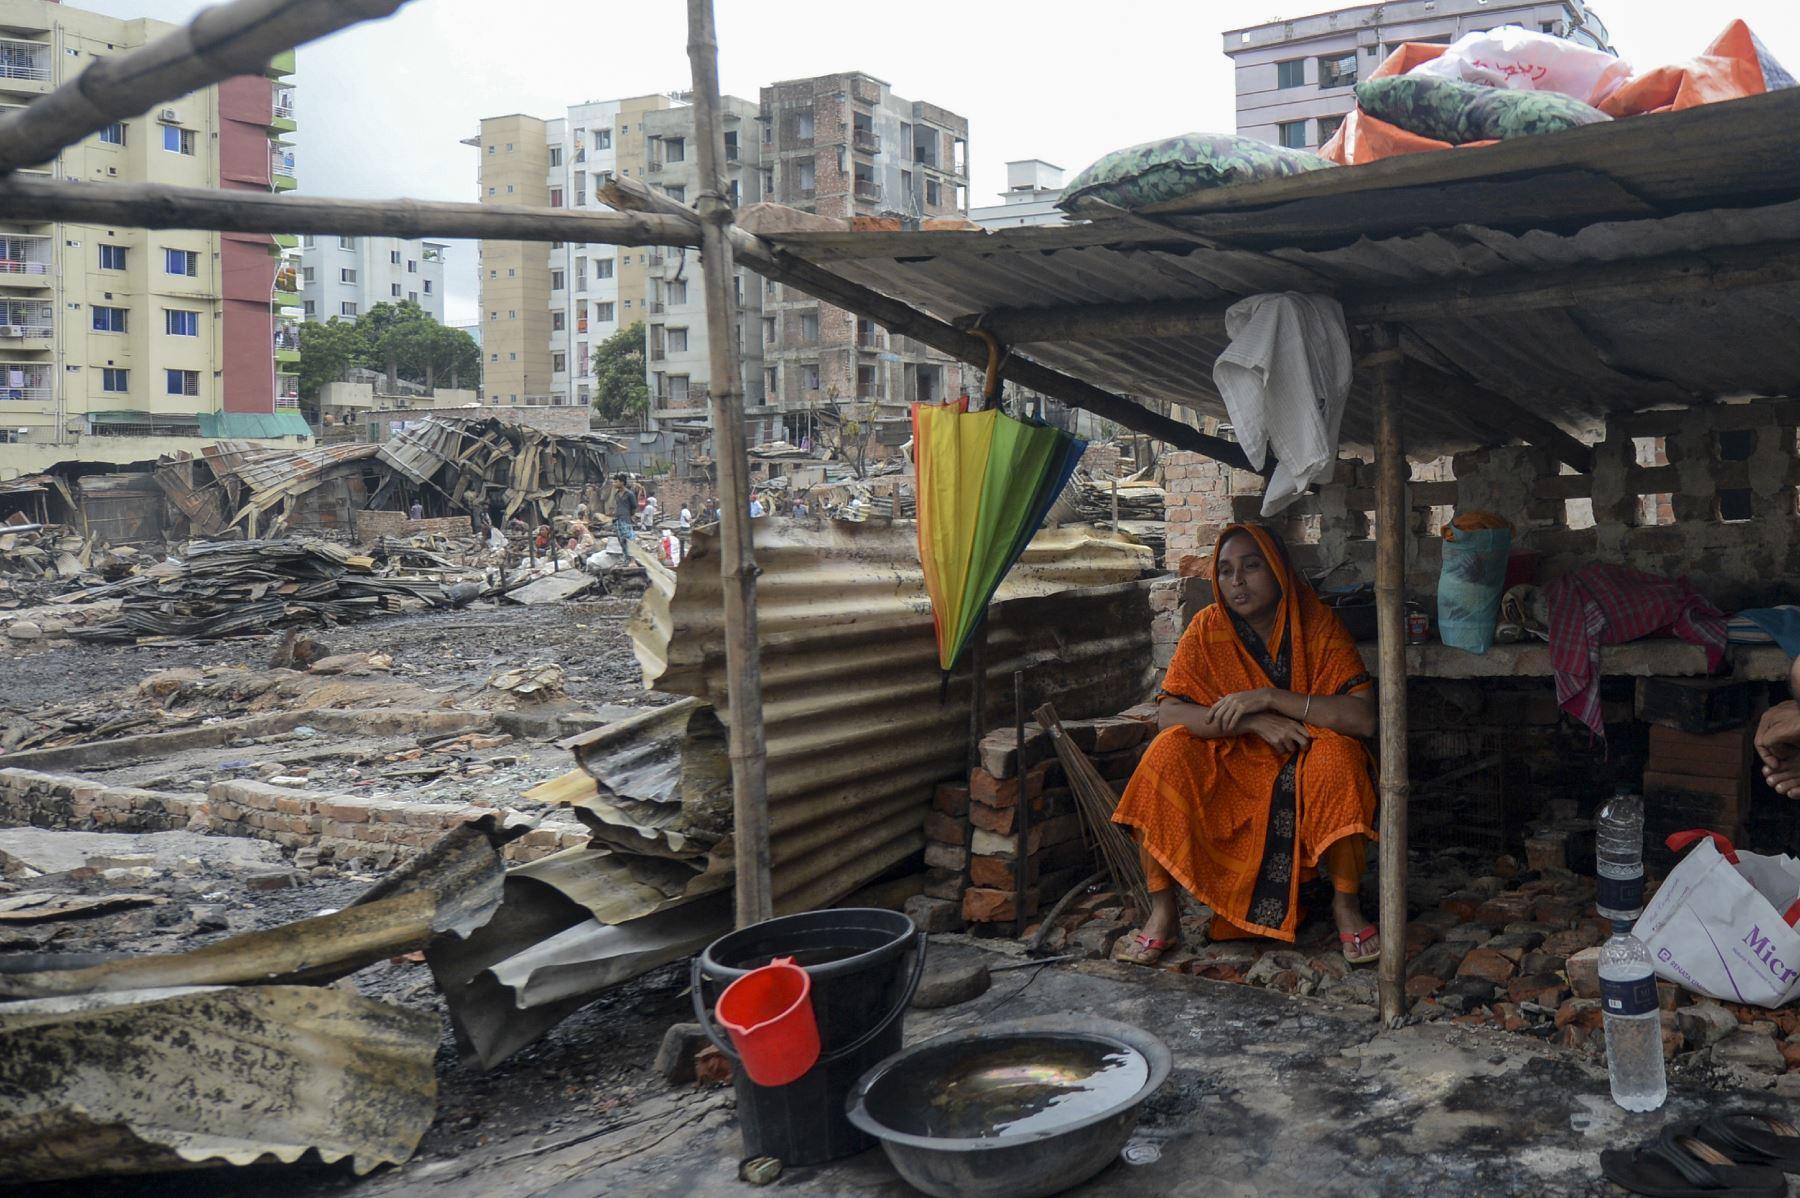 Un residente descansa en un refugio temporal en un barrio pobre en Dhaka  después de que un incendio estalló  en el vecindario de Mirpur. Al menos 10,000 personas están sin hogar después de que un incendio masivo arrasó un barrio pobre lleno de gente en la capital de Bangladesh. Foto: AFP